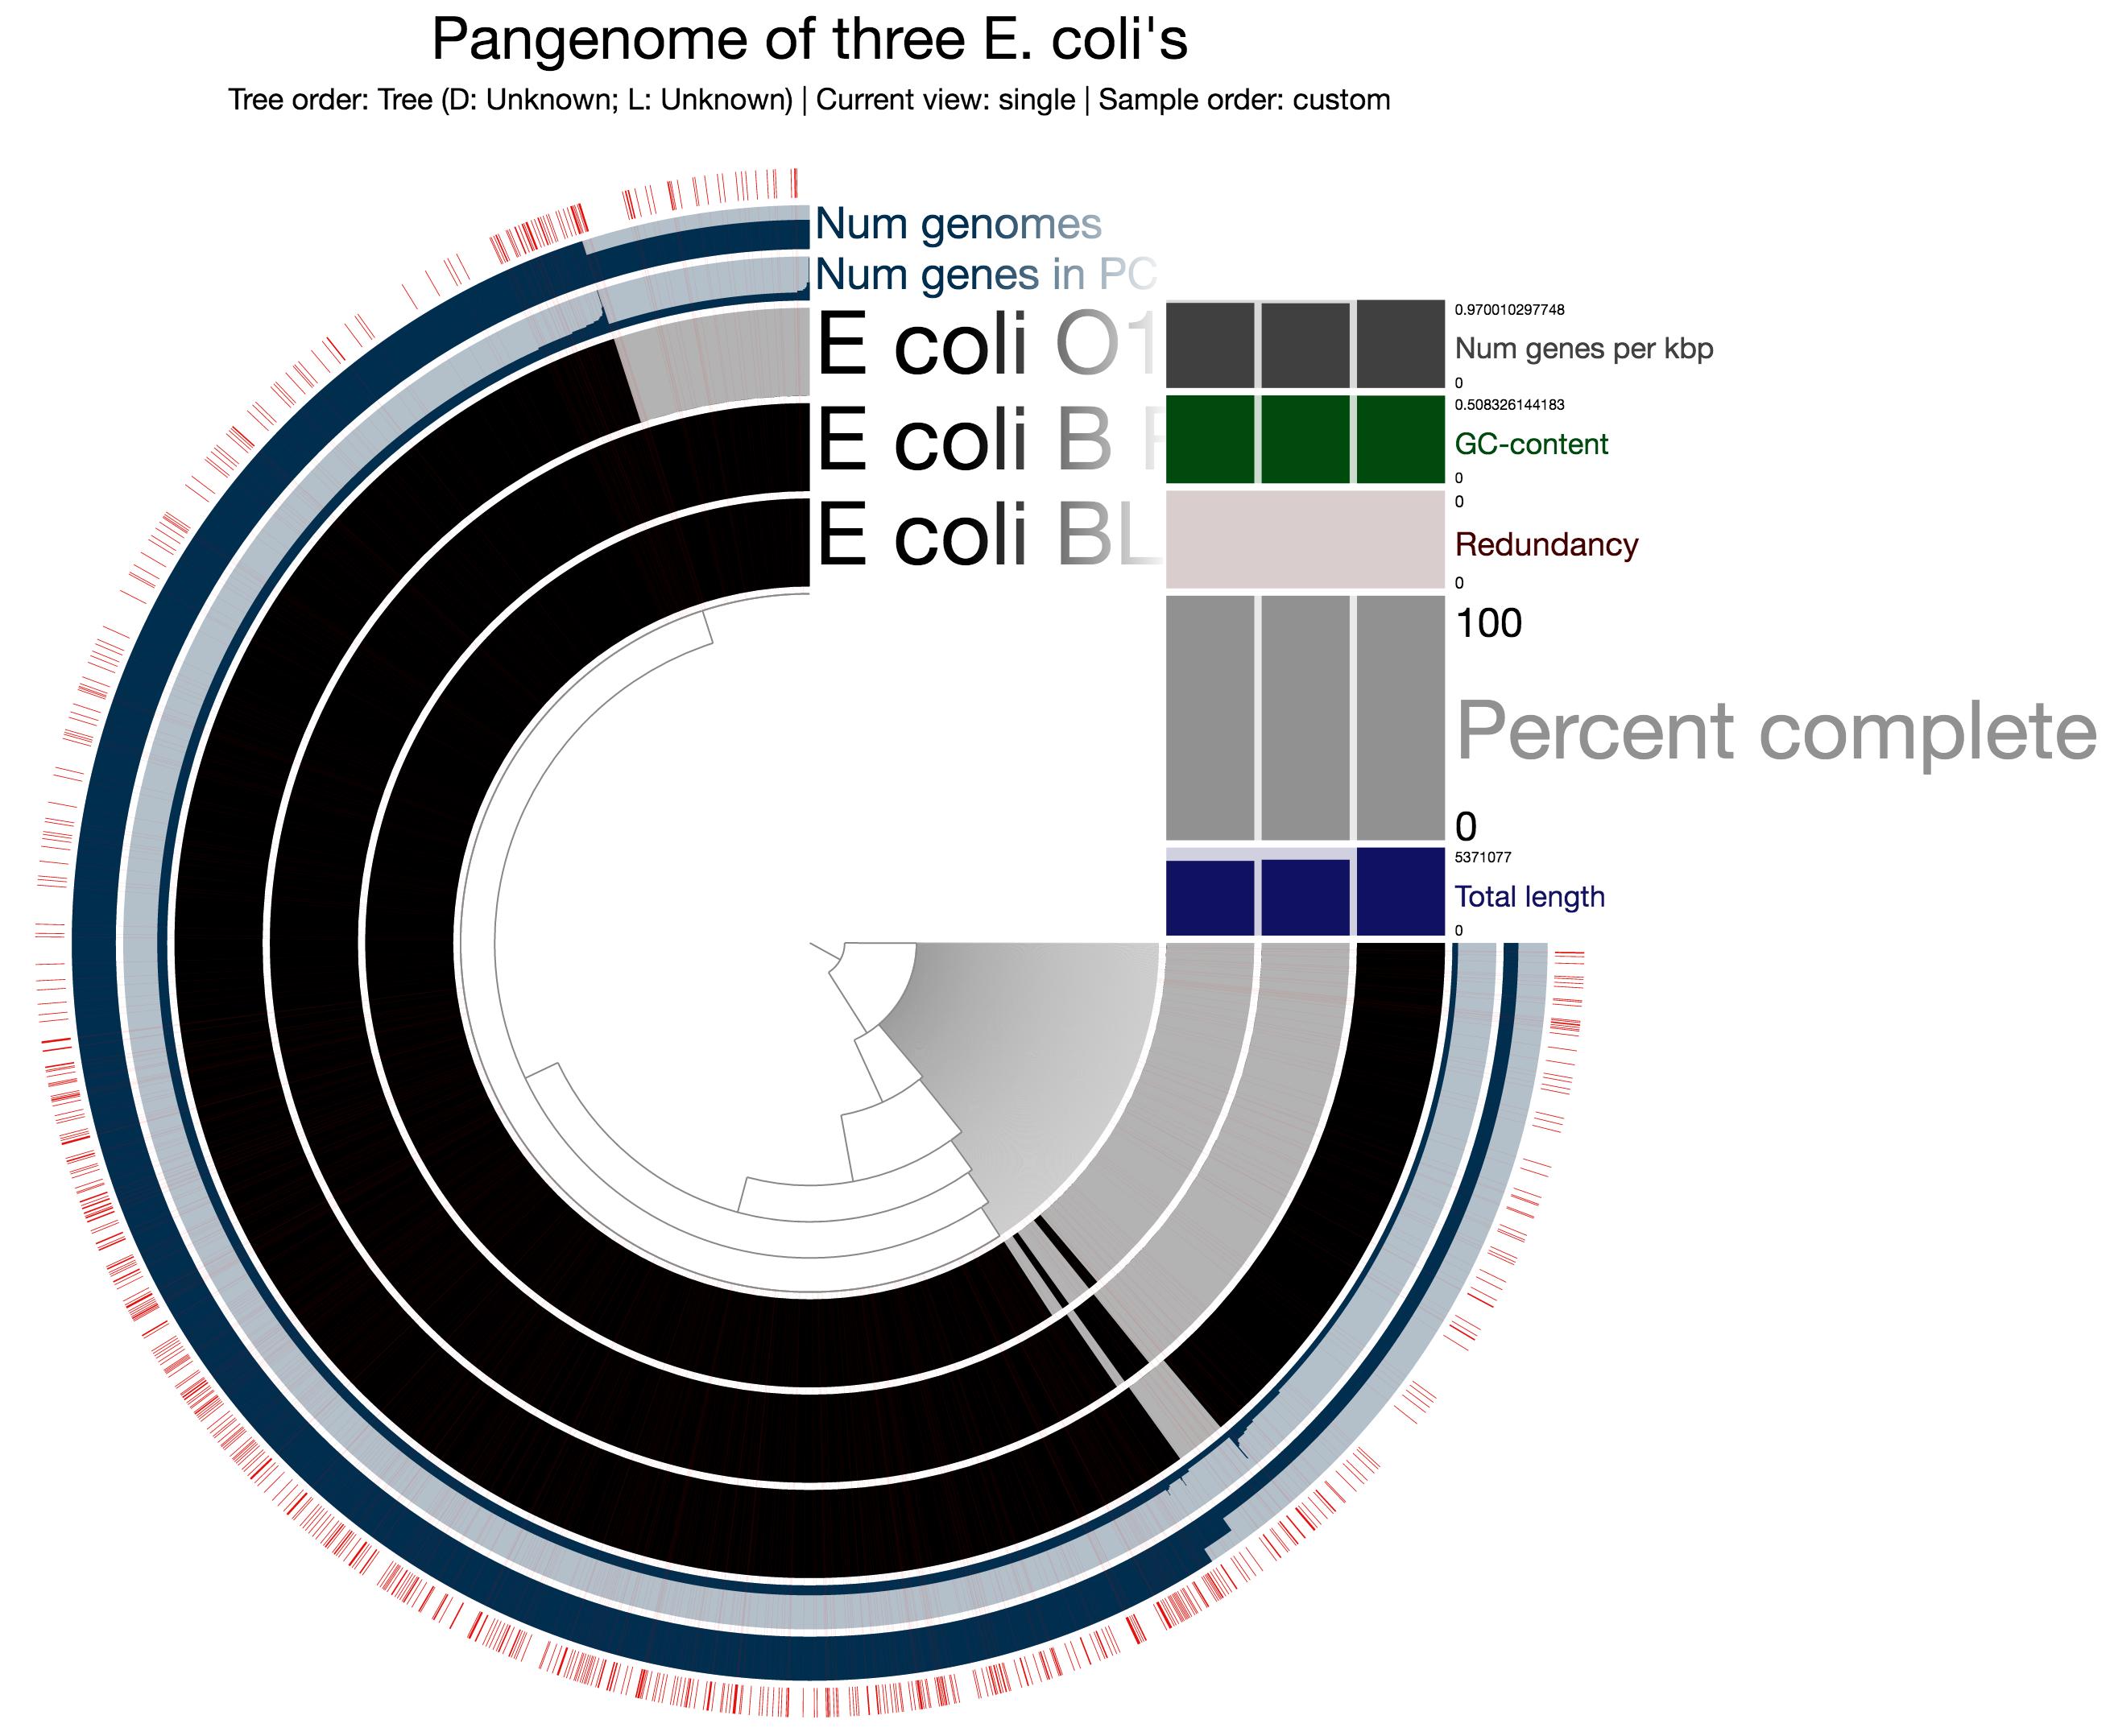 E. coli long PCs